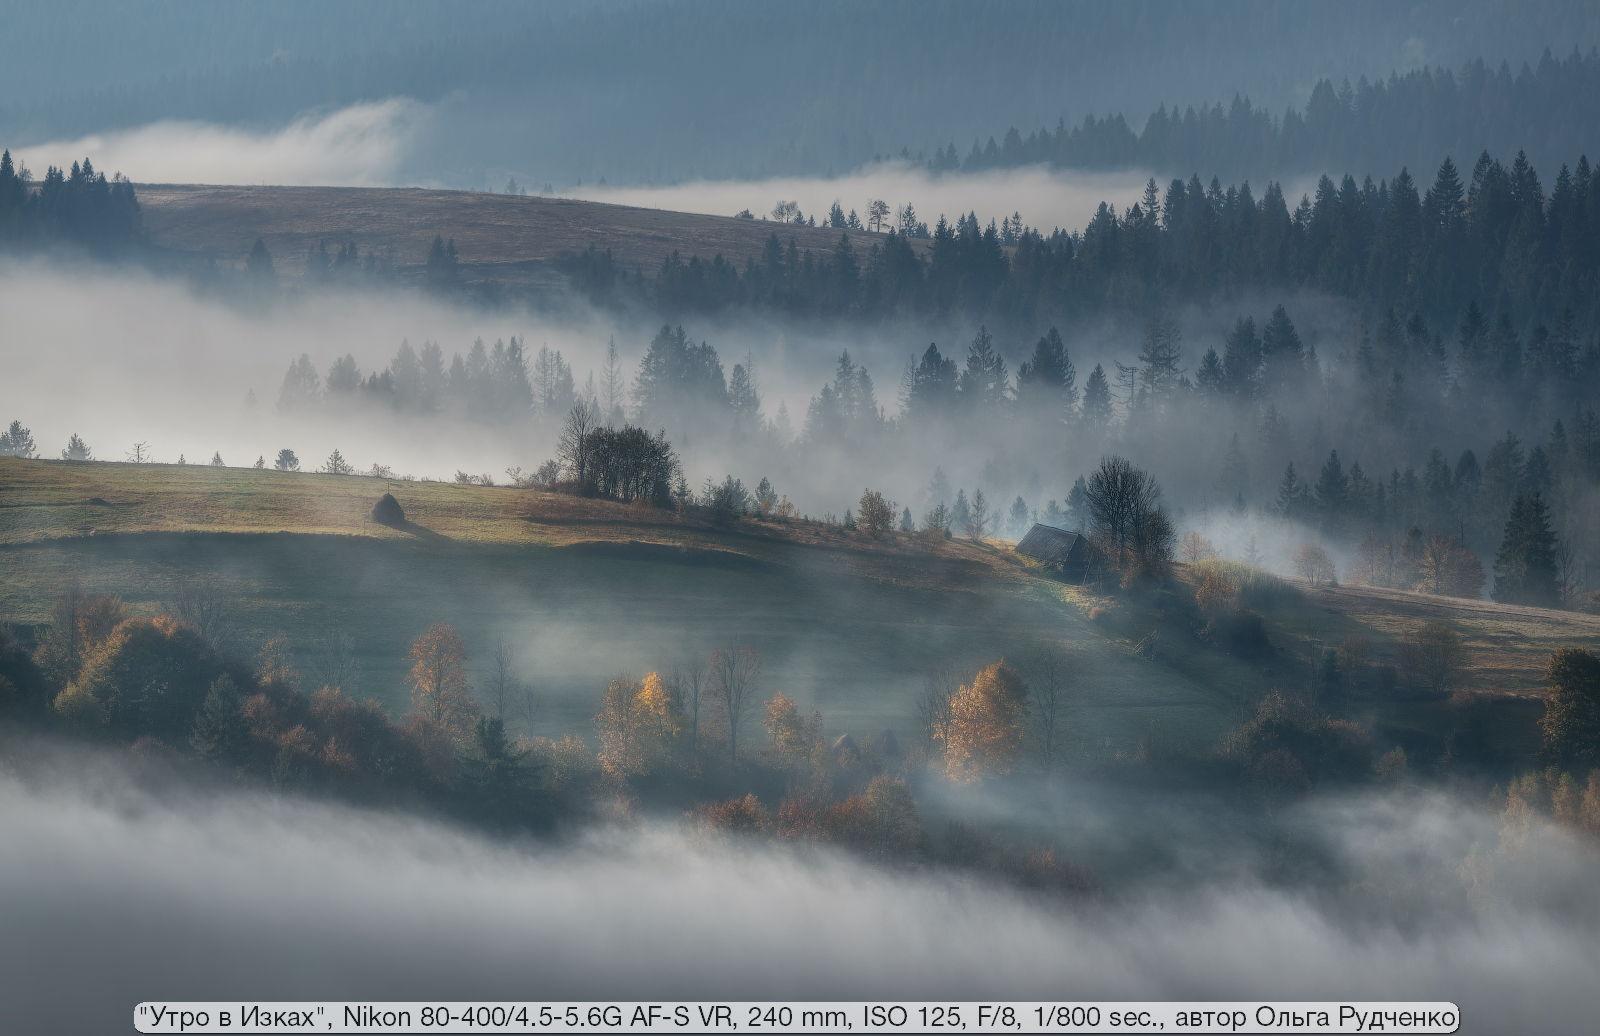 Пример фотографии на Nikon 80-400 4.5-5.6G AF-S VR